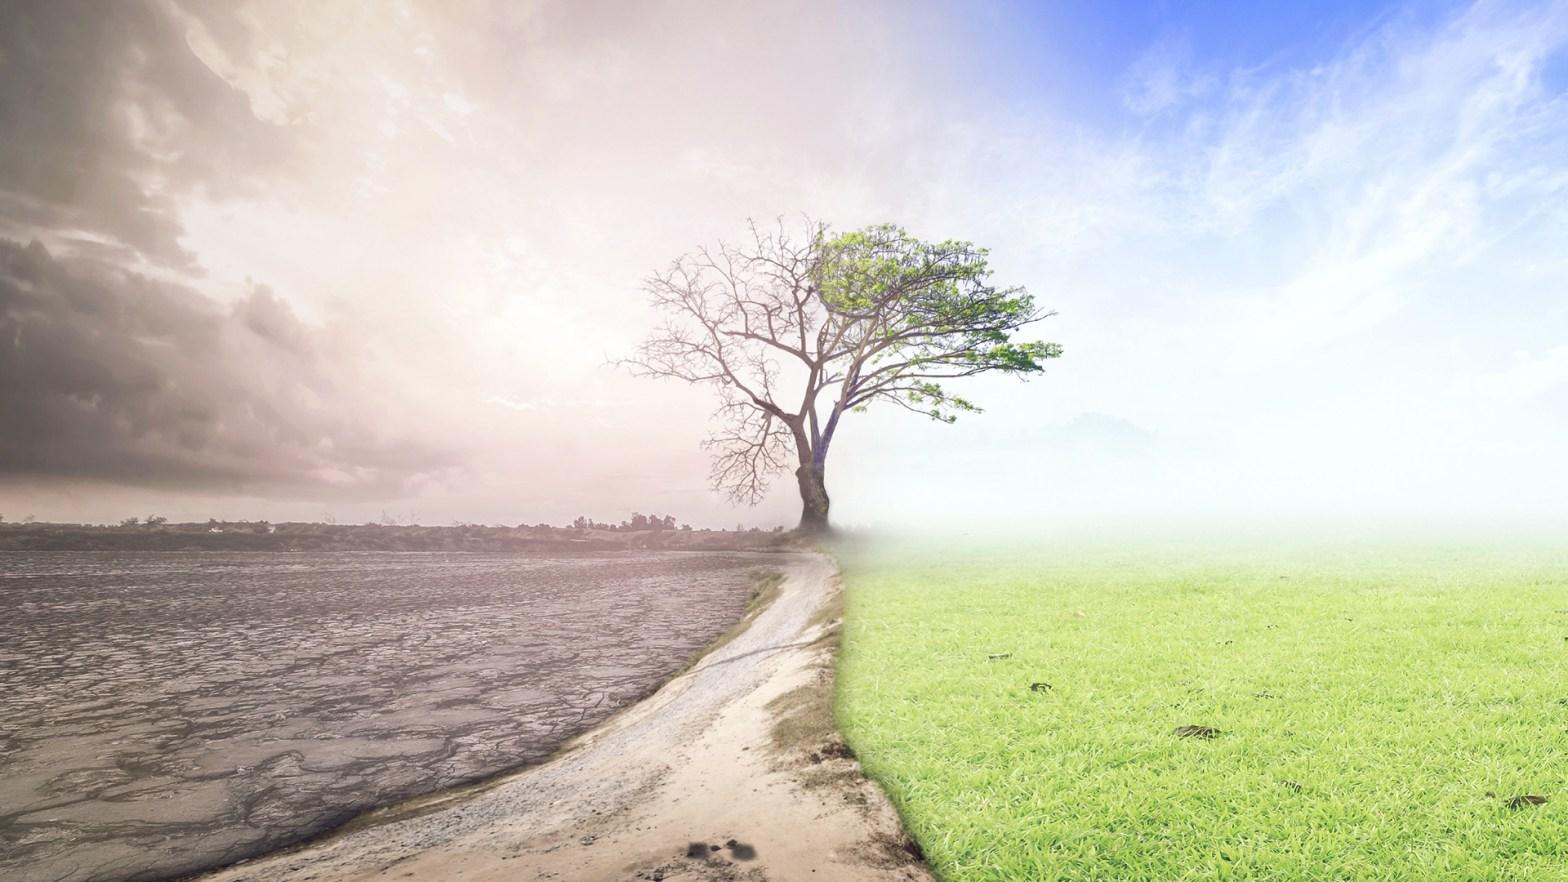 Un lado del paisaje esta contaminado son gases de efecto invernadero, el otro lado es verde y cielo azul. Efecto del cambio climático